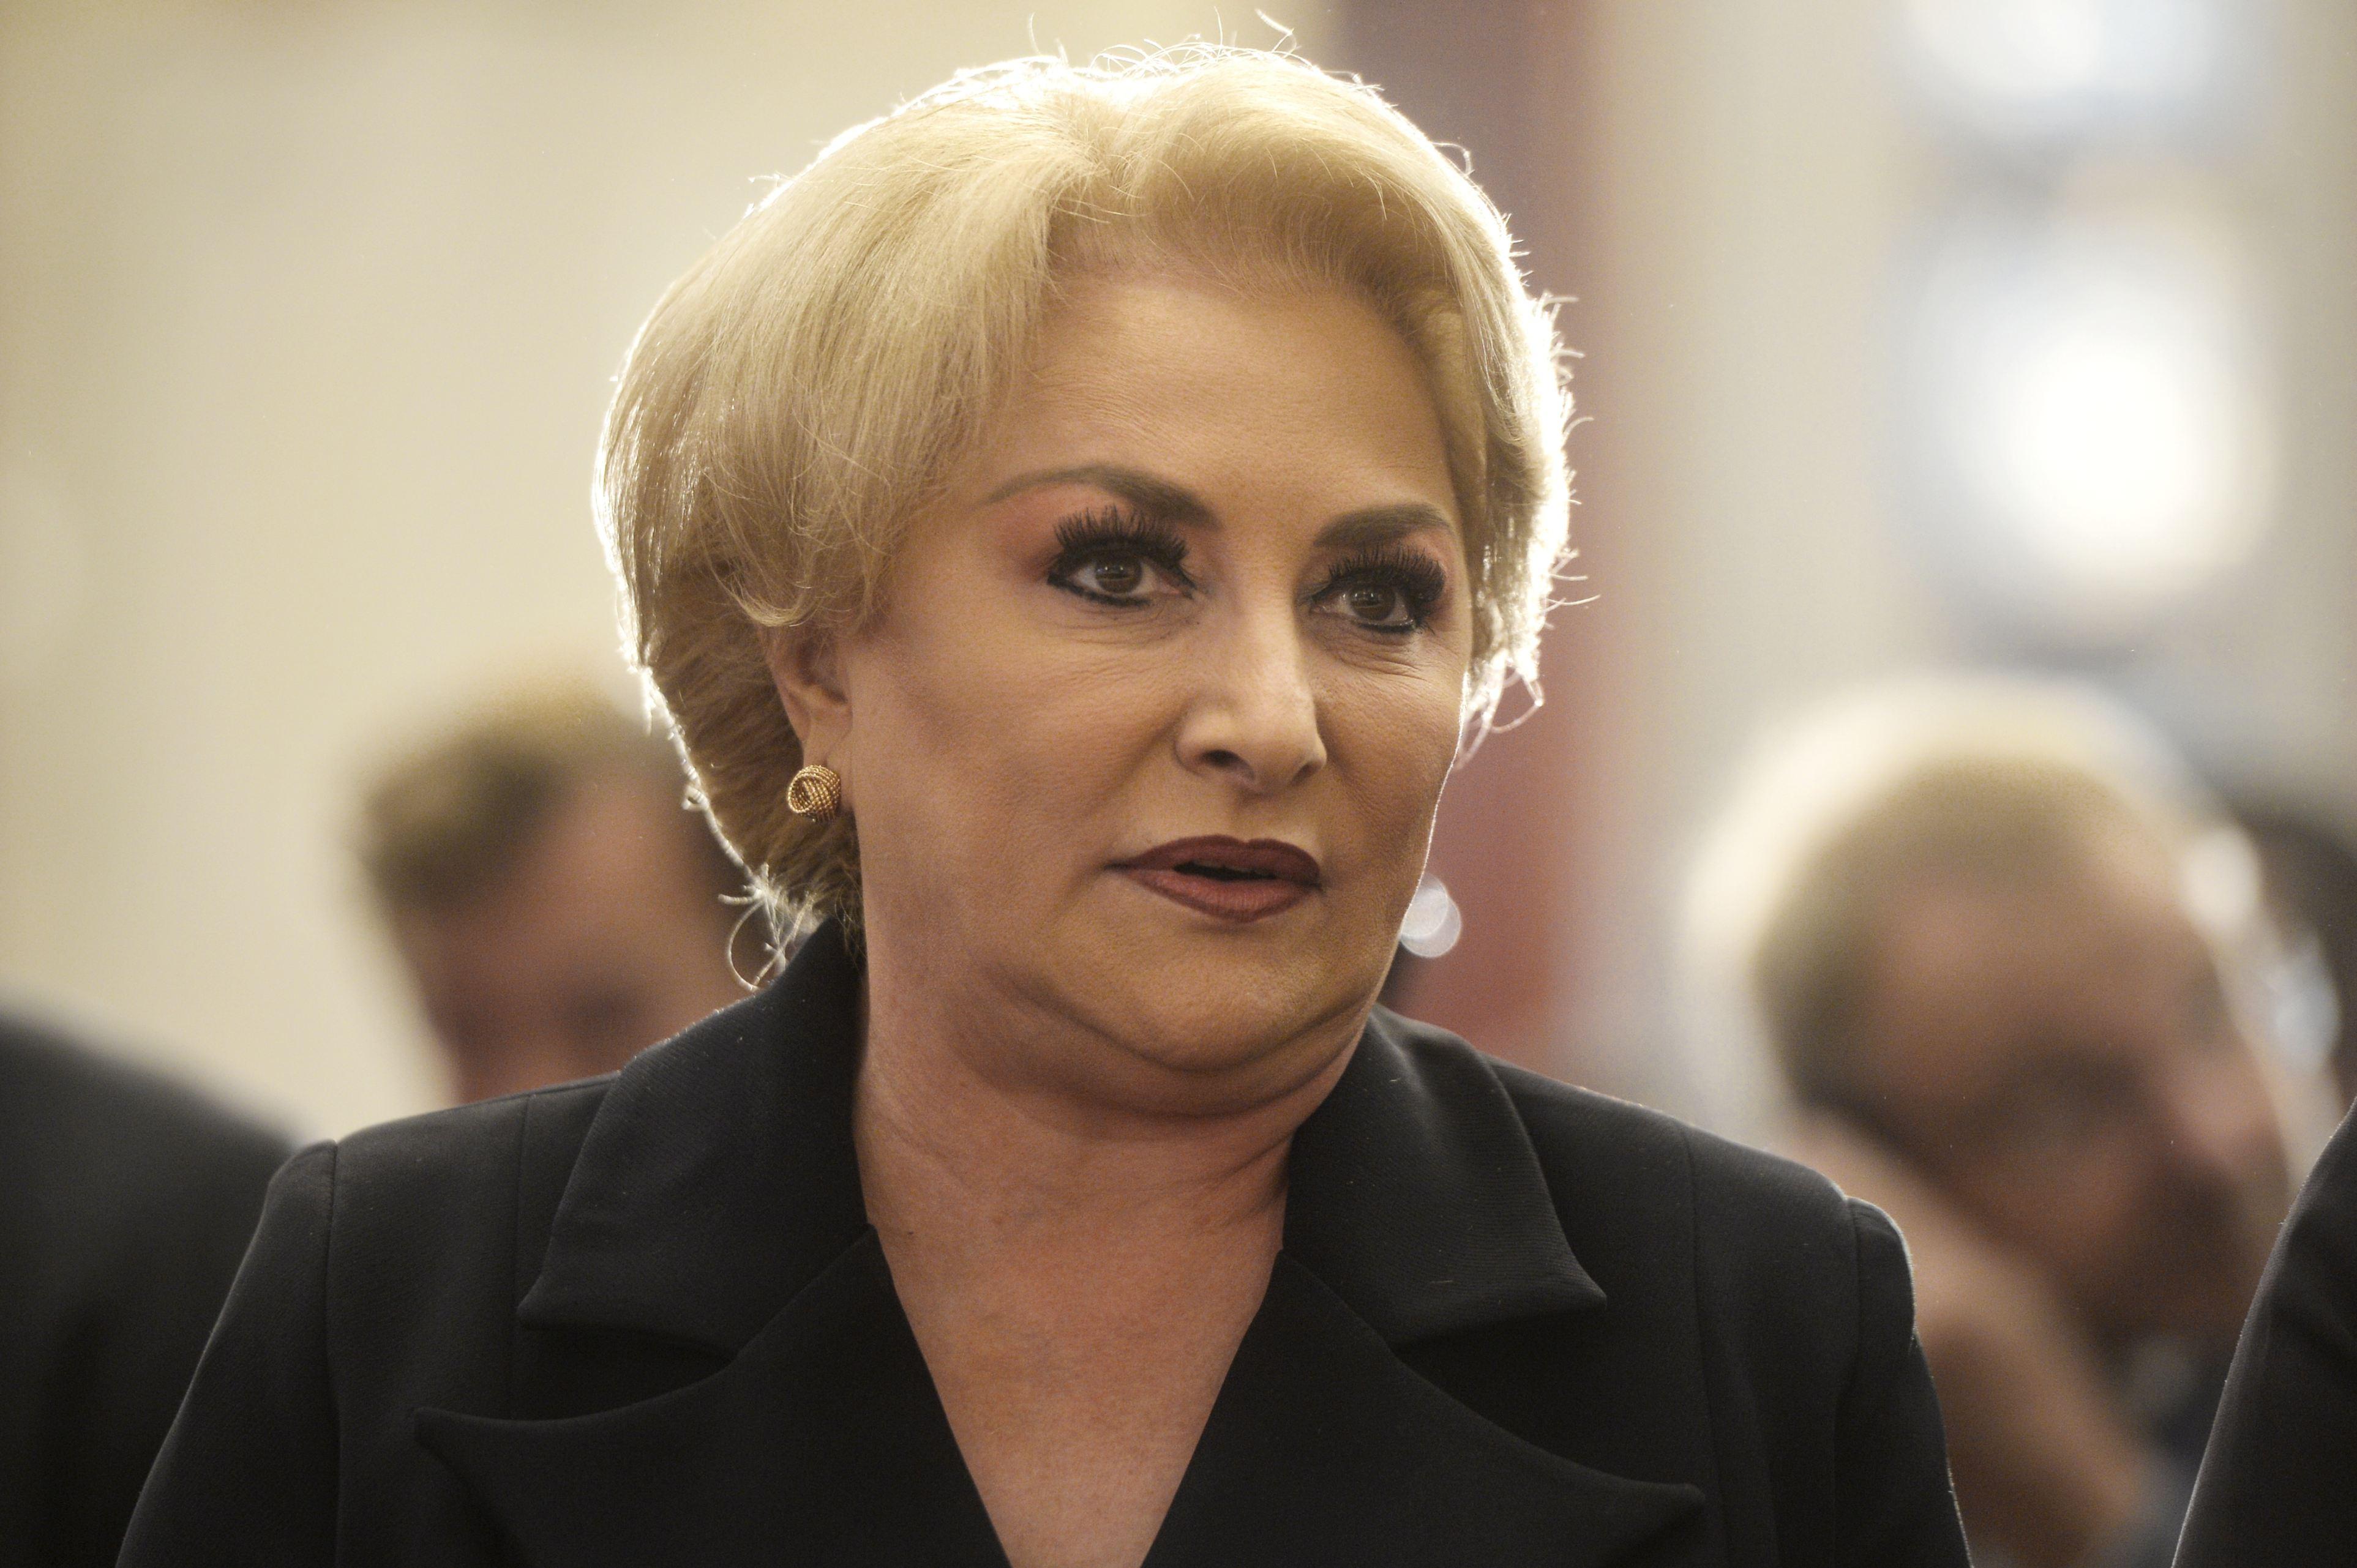 Eugen Teodorovici, zis și ministrul Dandy, și-a anunțat intenția de a candida la alegerile prezidențiale